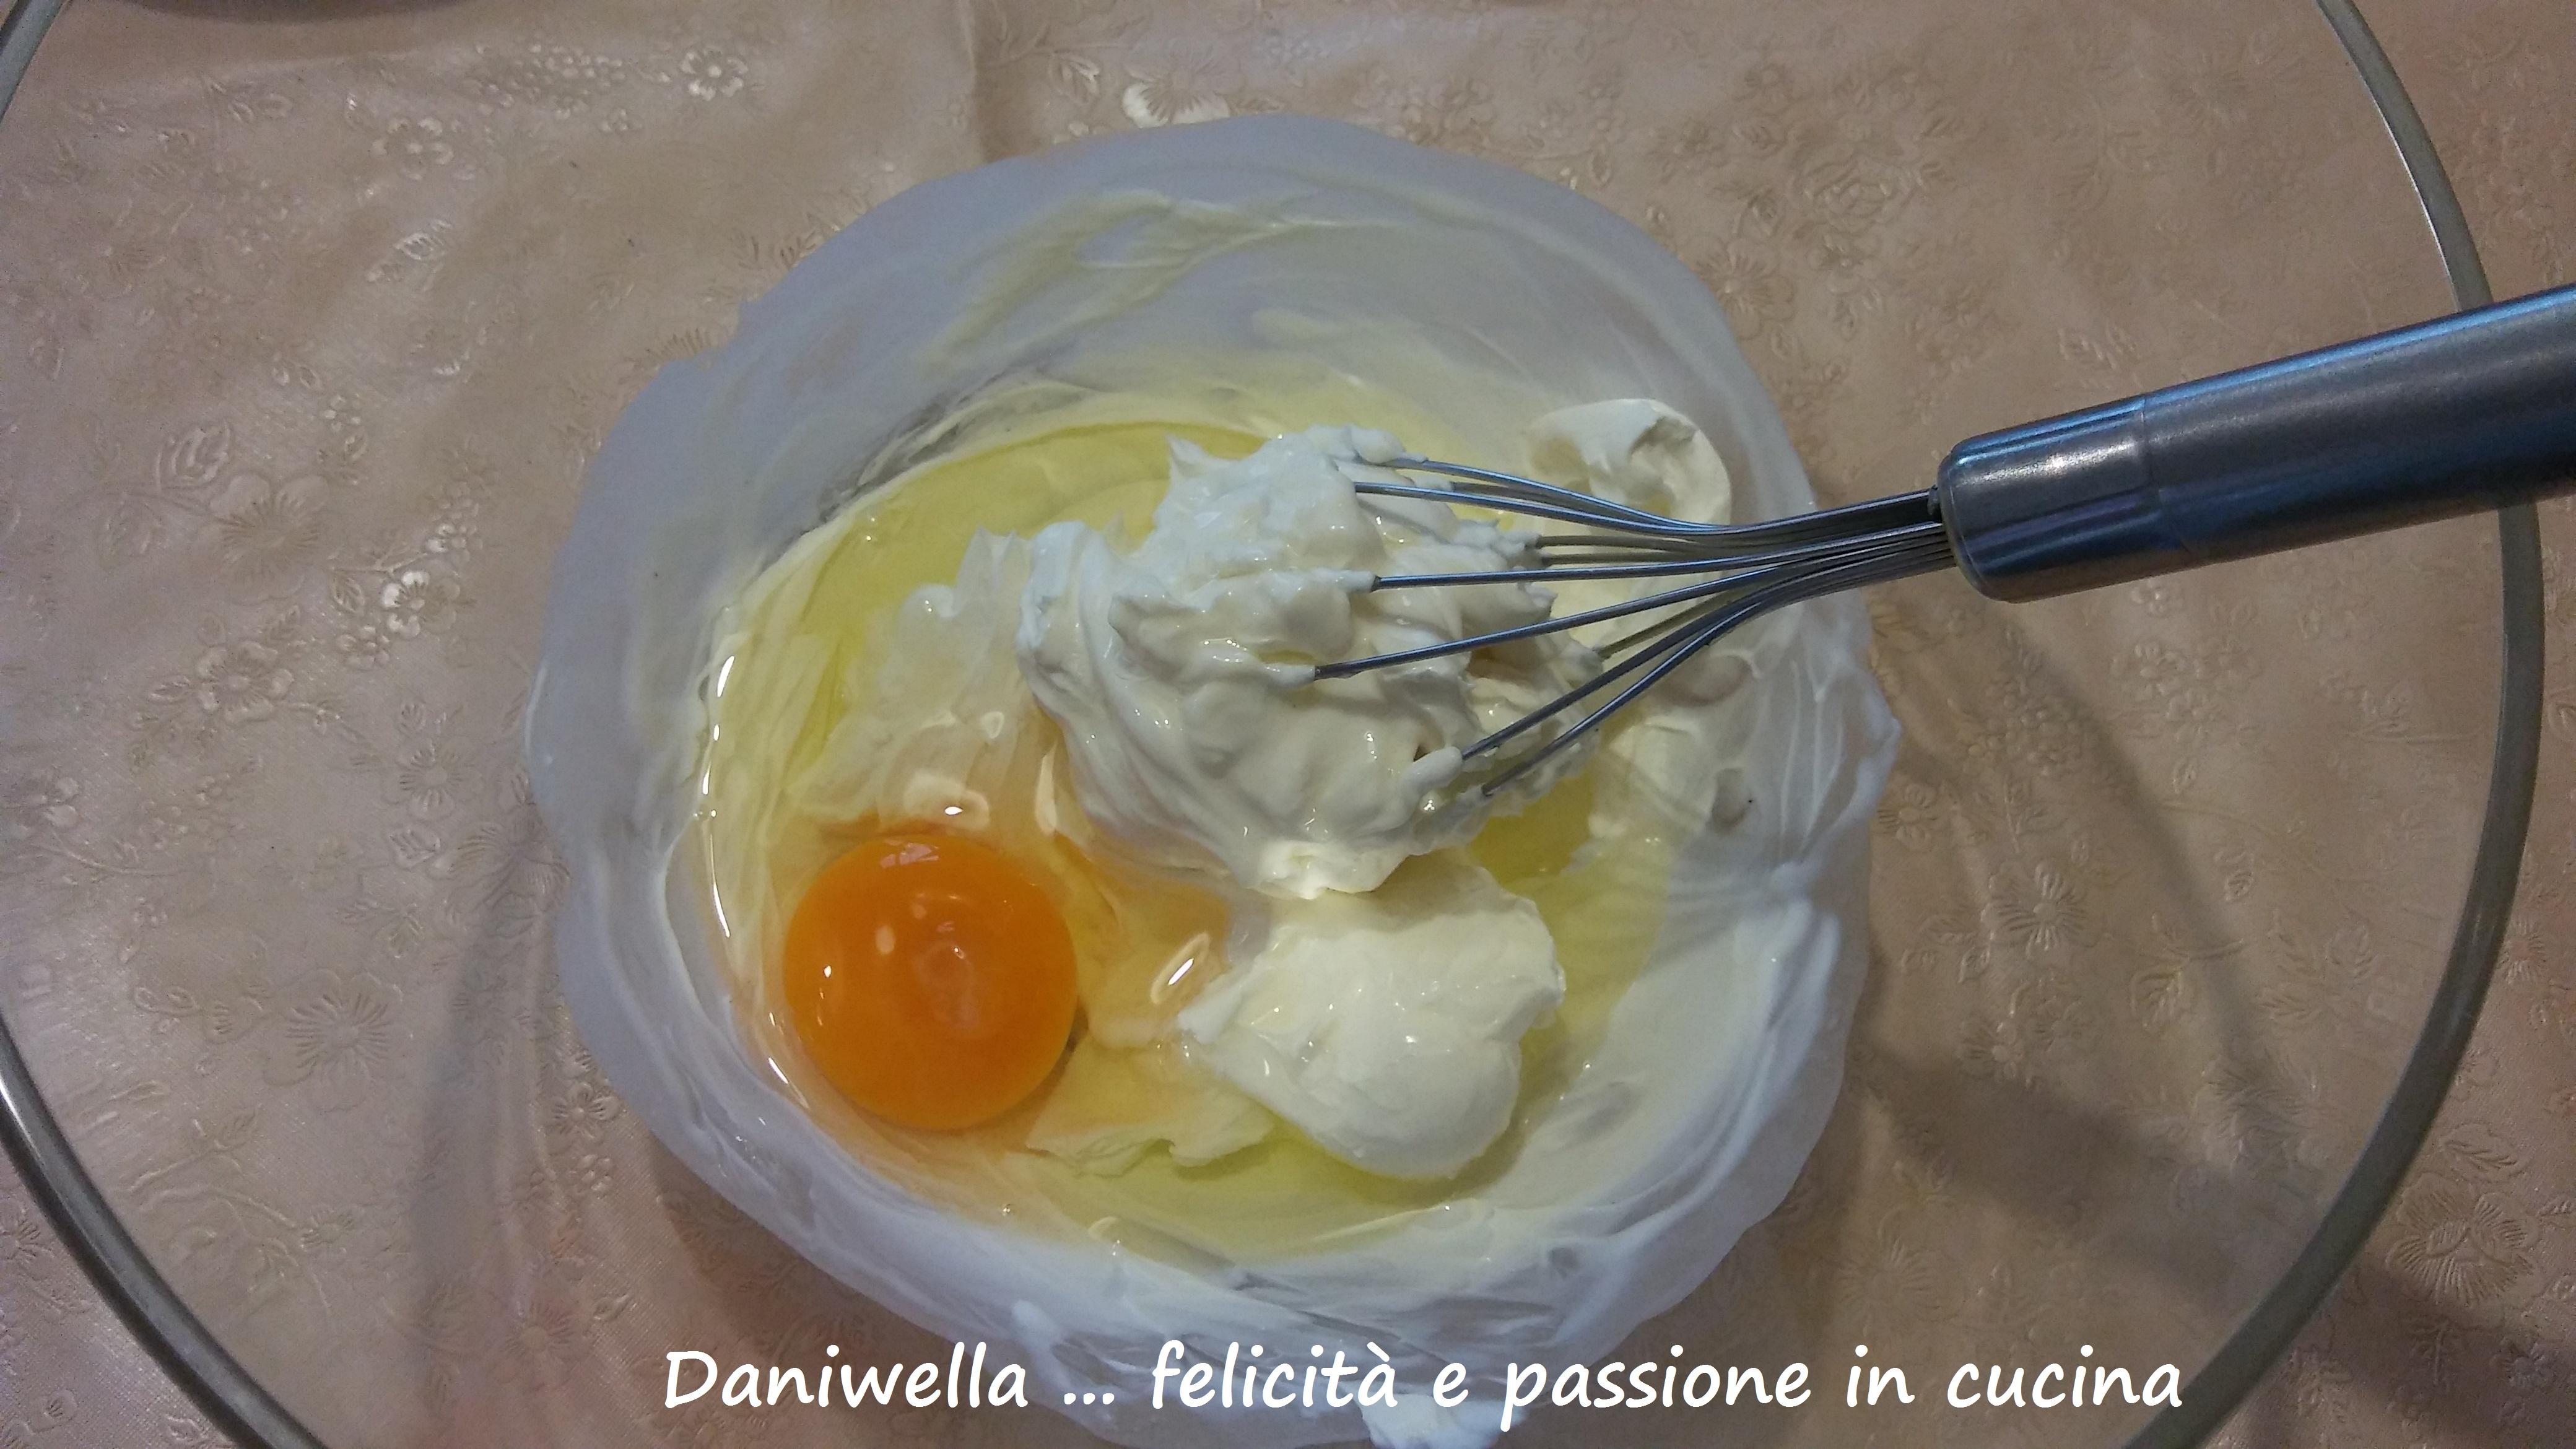 Aggiungere le uove una alla volta, avendo l'accortezza di non aggiungere la seguente, se quella prima non è stata perfettamente amalgamata.